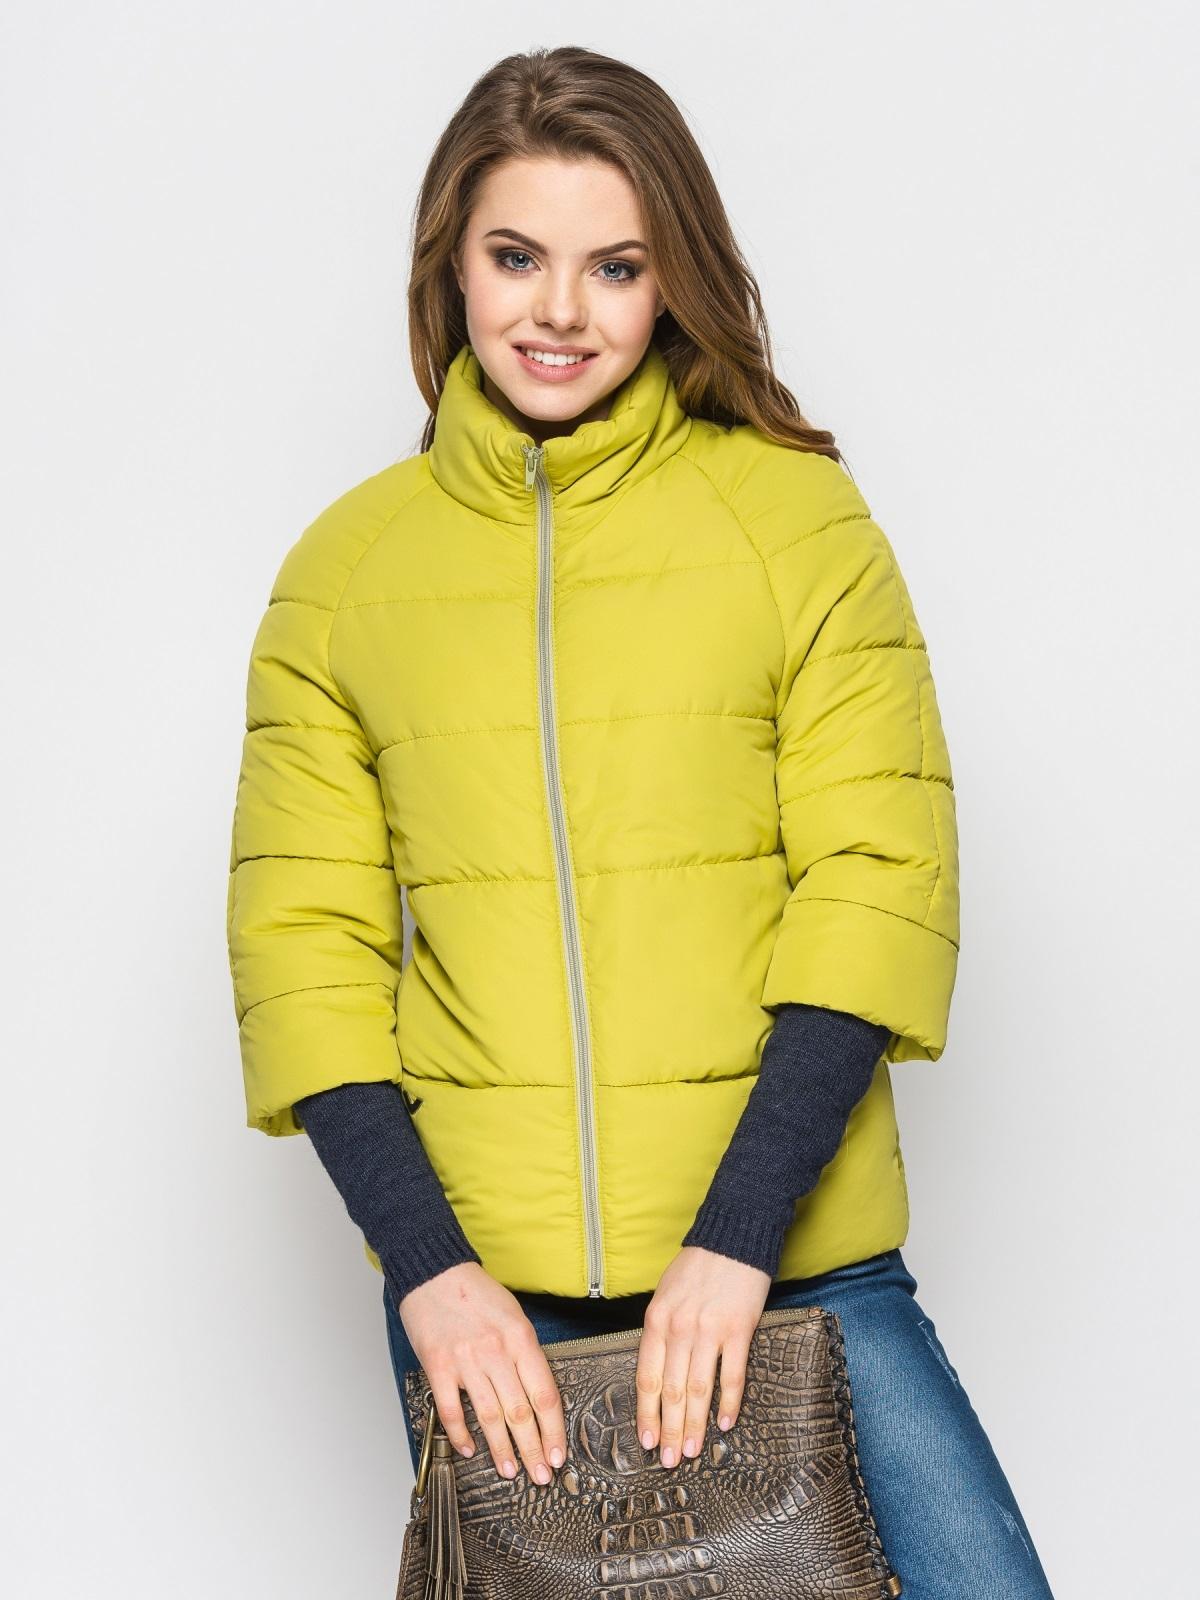 Желто-зелёная куртка на силиконе с рукавом 3/4 - 12954, фото 1 – интернет-магазин Dressa